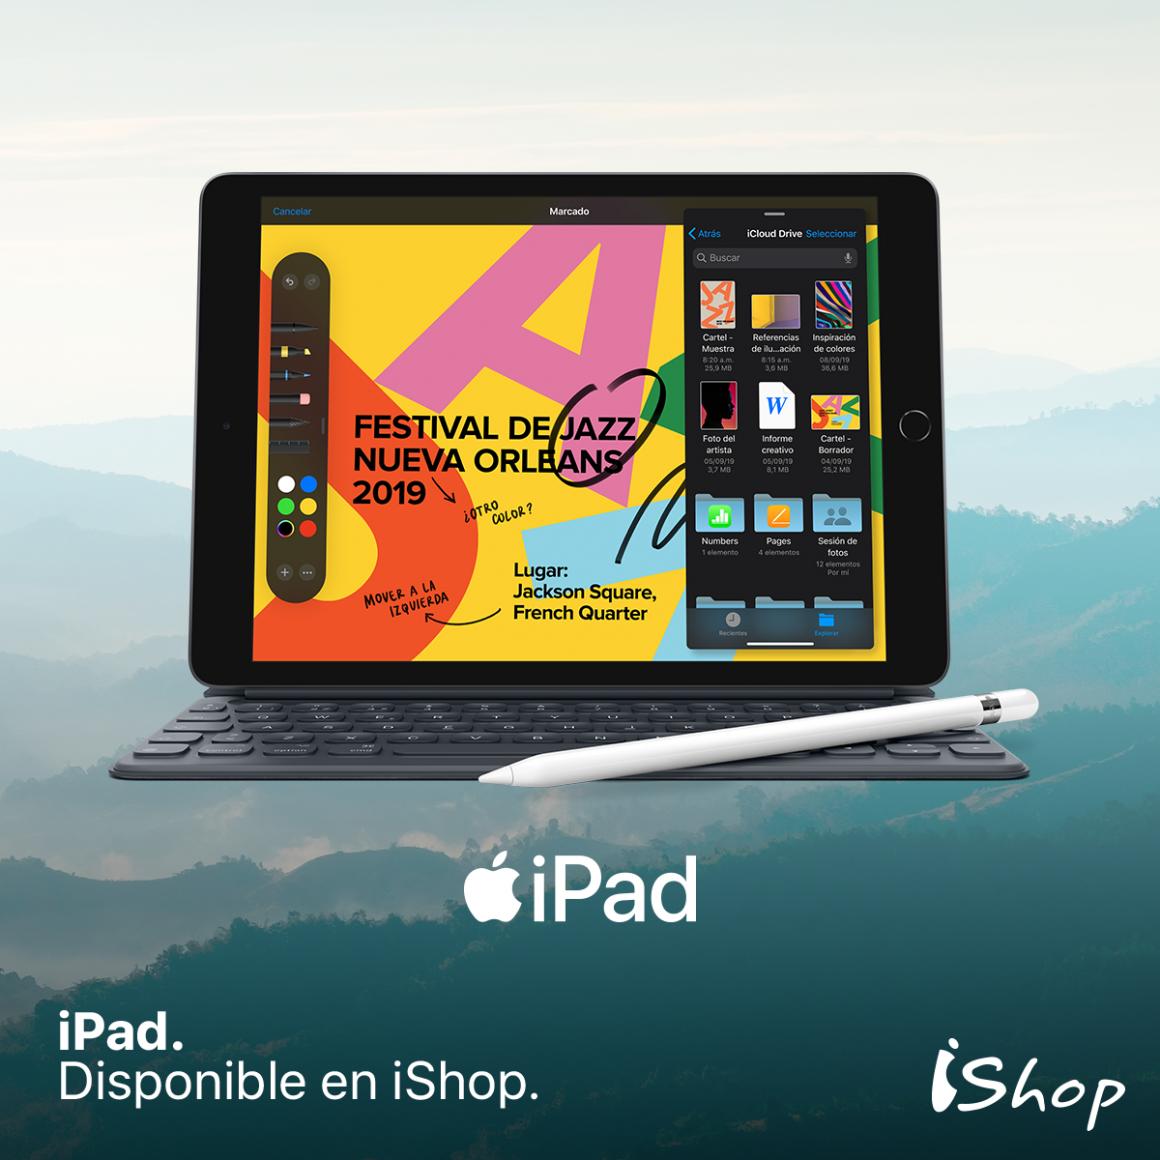 Llego el nuevo iPad!